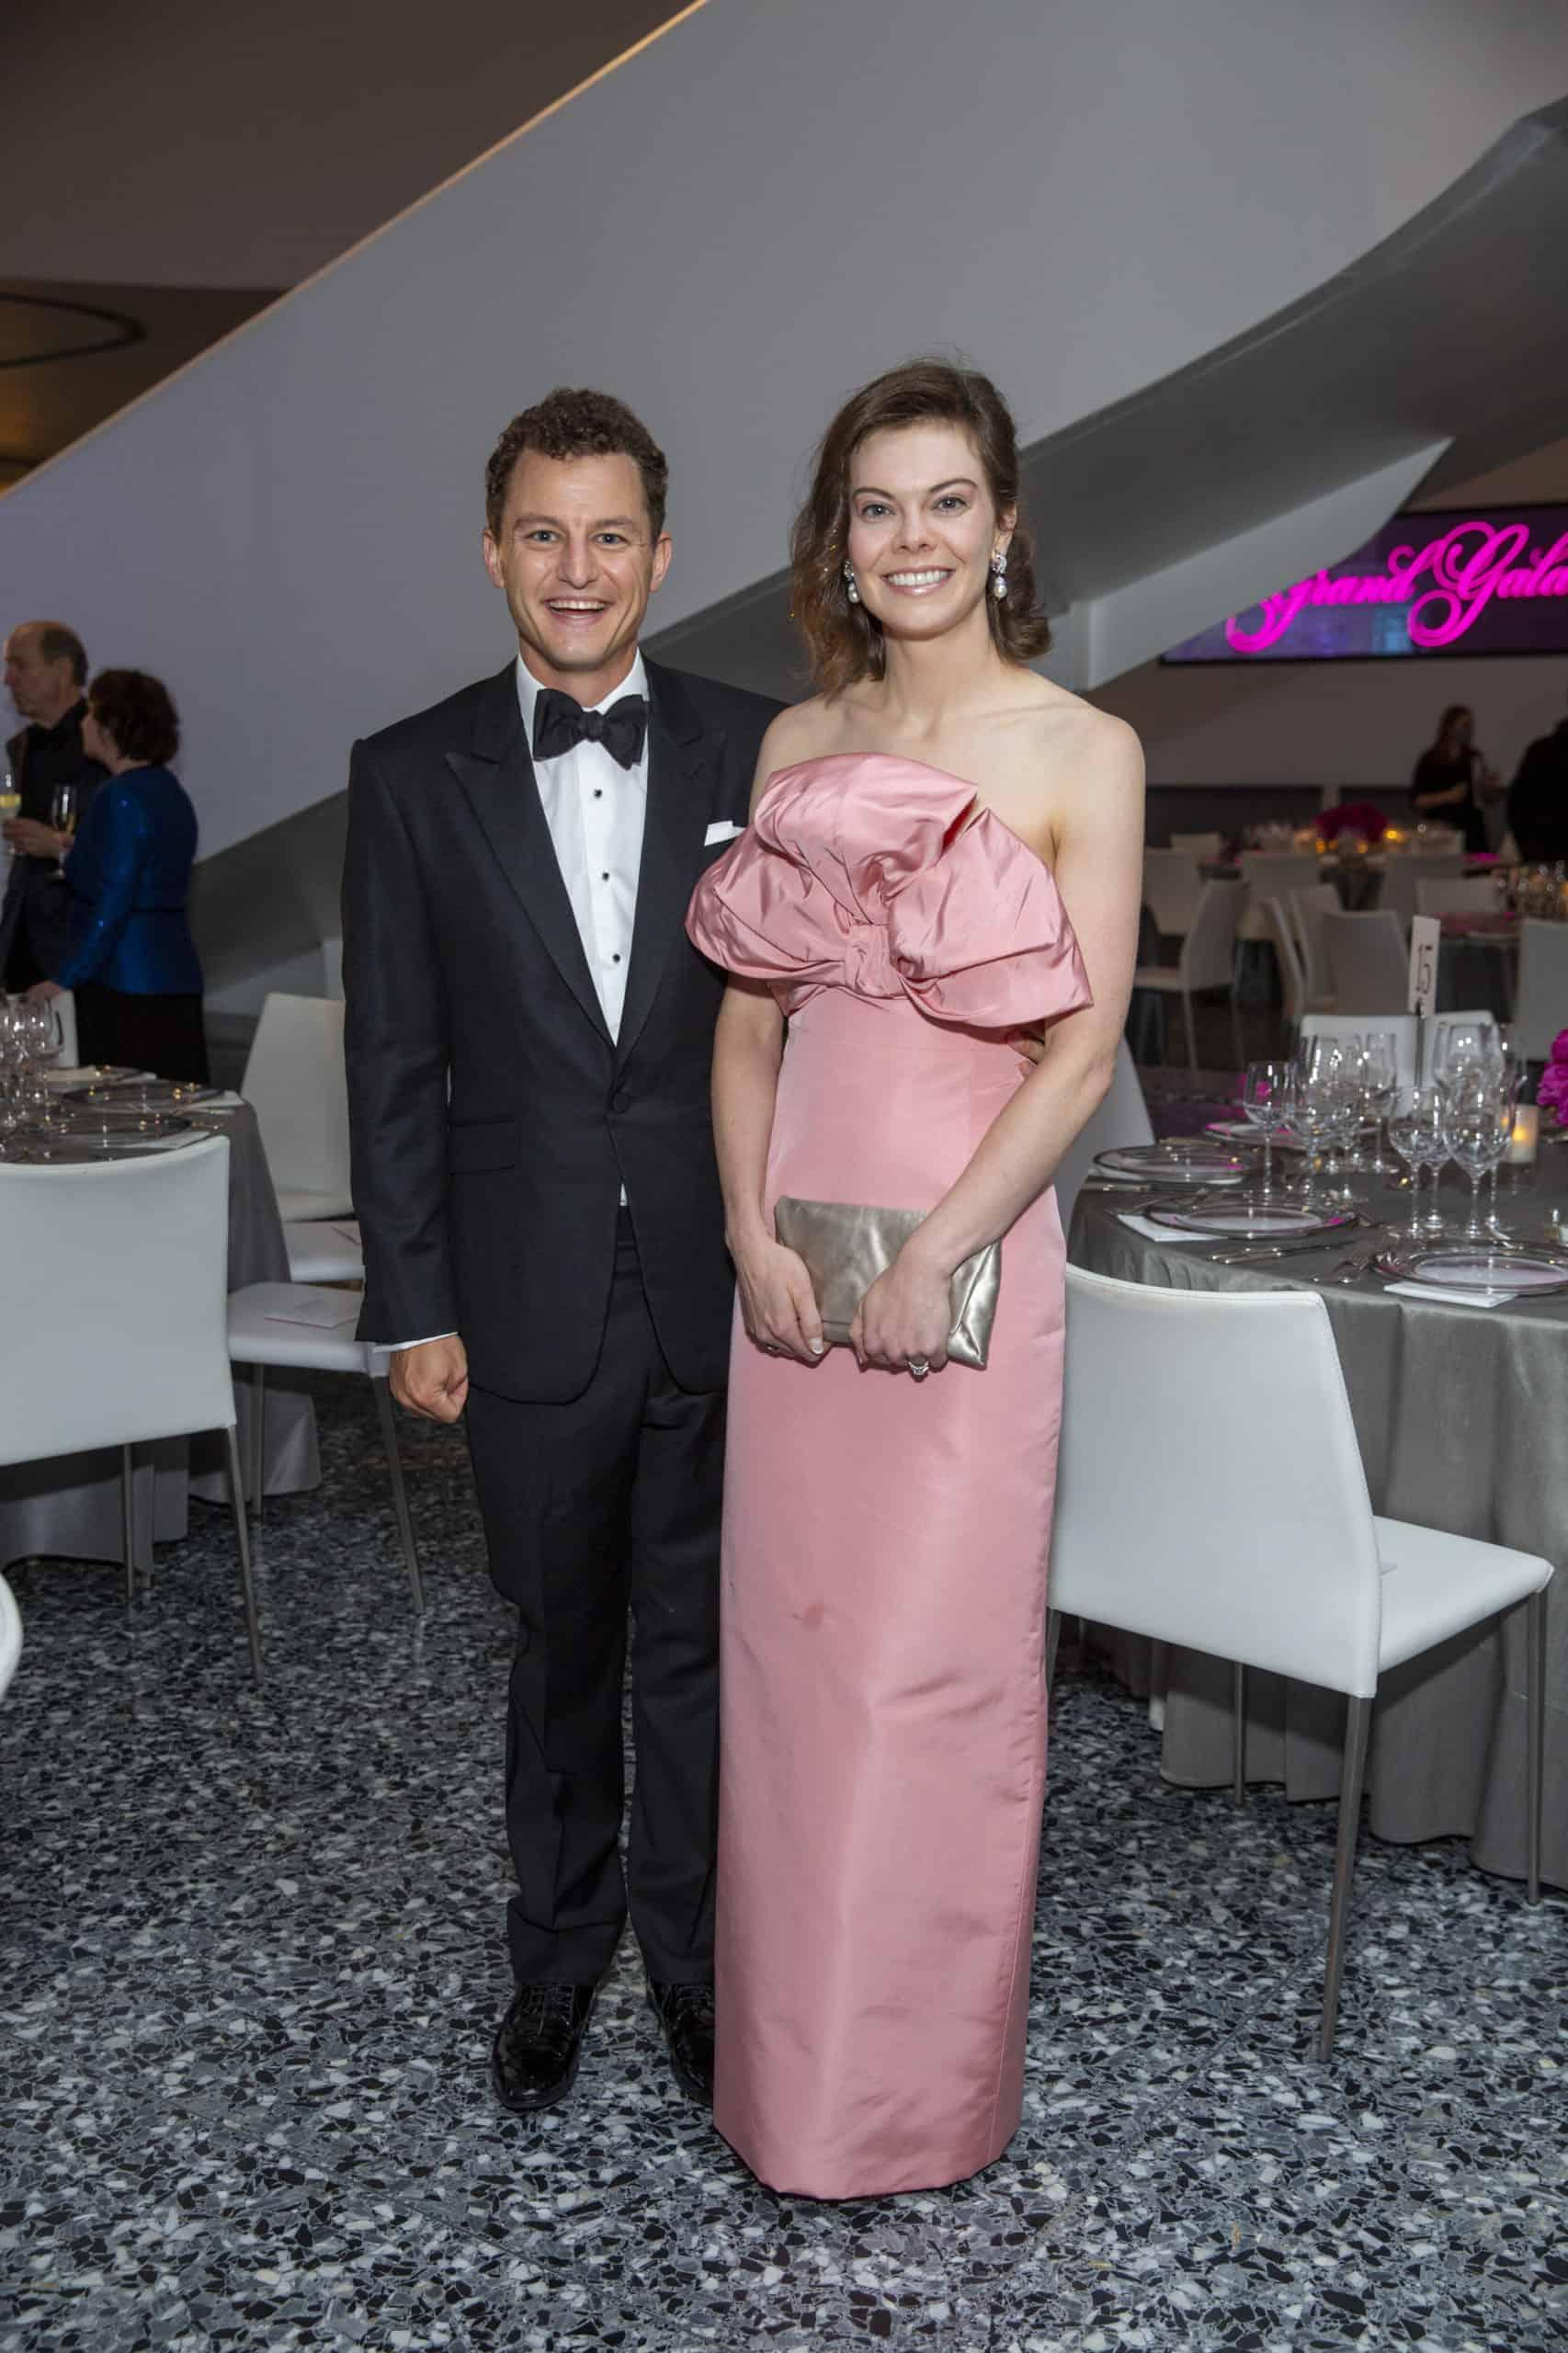 Daniel and Janie Zilkha